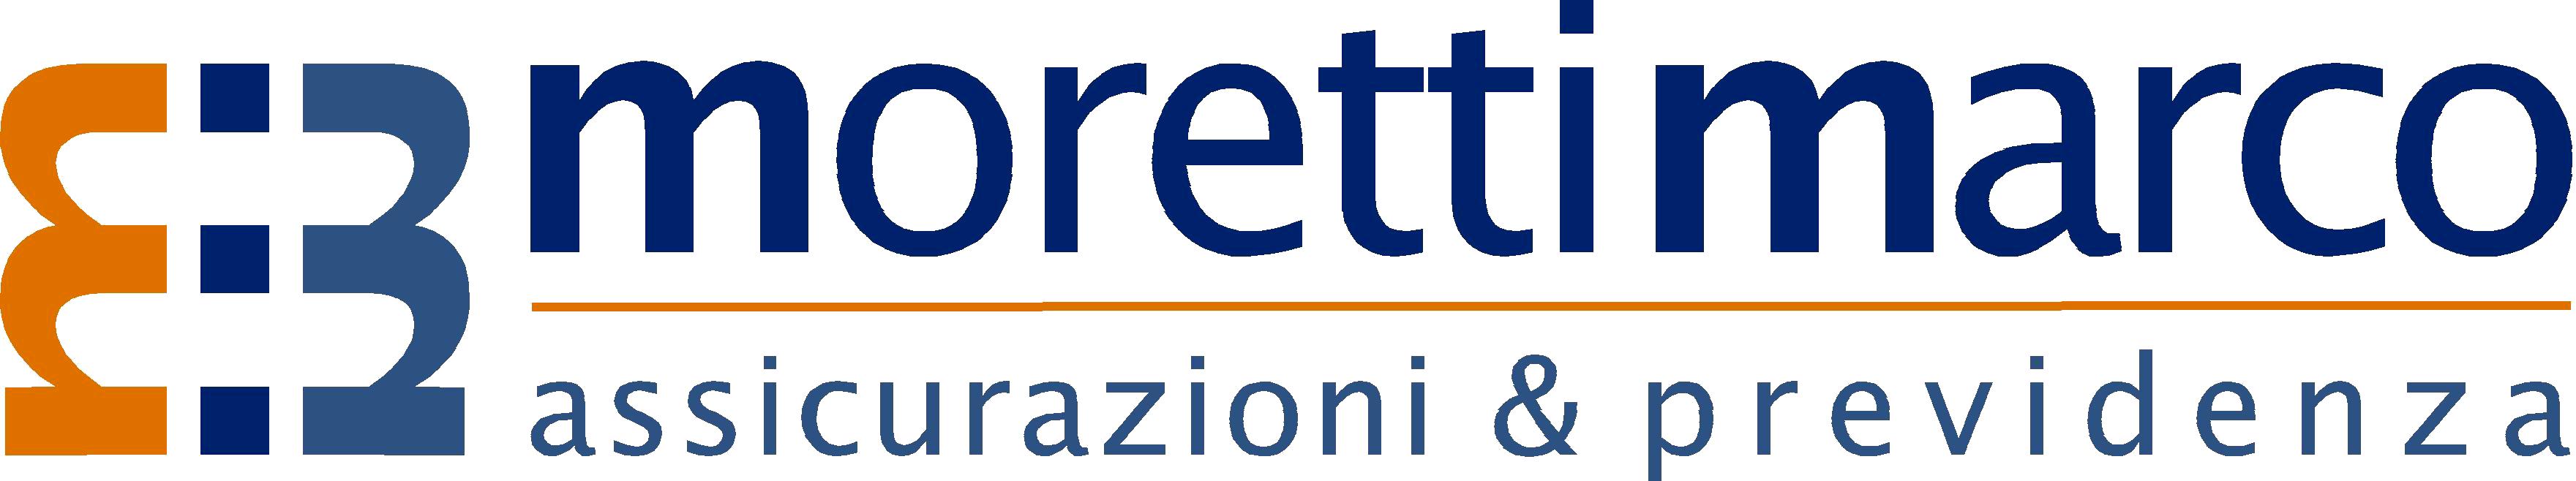 Moretti Marco Assicurazioni